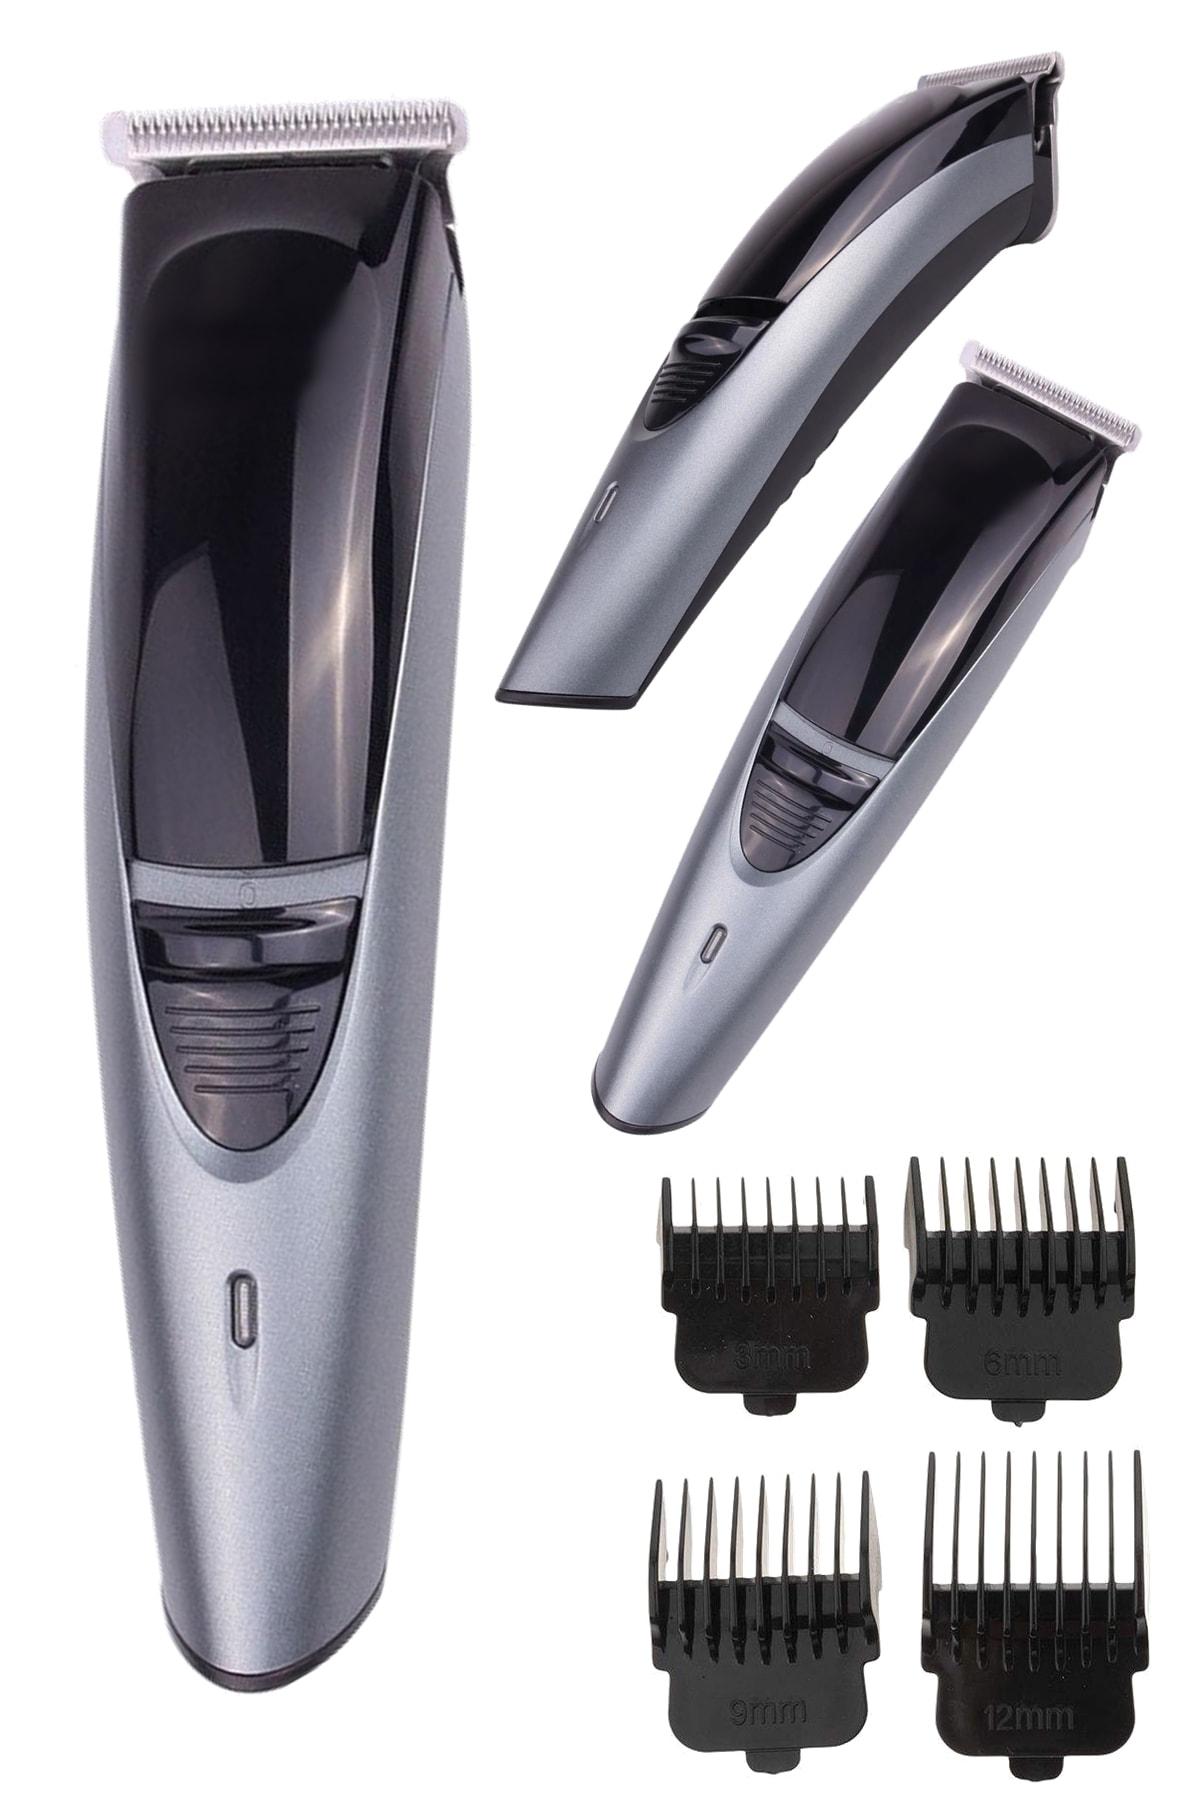 yopigo 6053 Erkek Tıraş Bakım Seti Şarjlı Saç Sakal Kesme Erkek Tıraş Makinesi 1